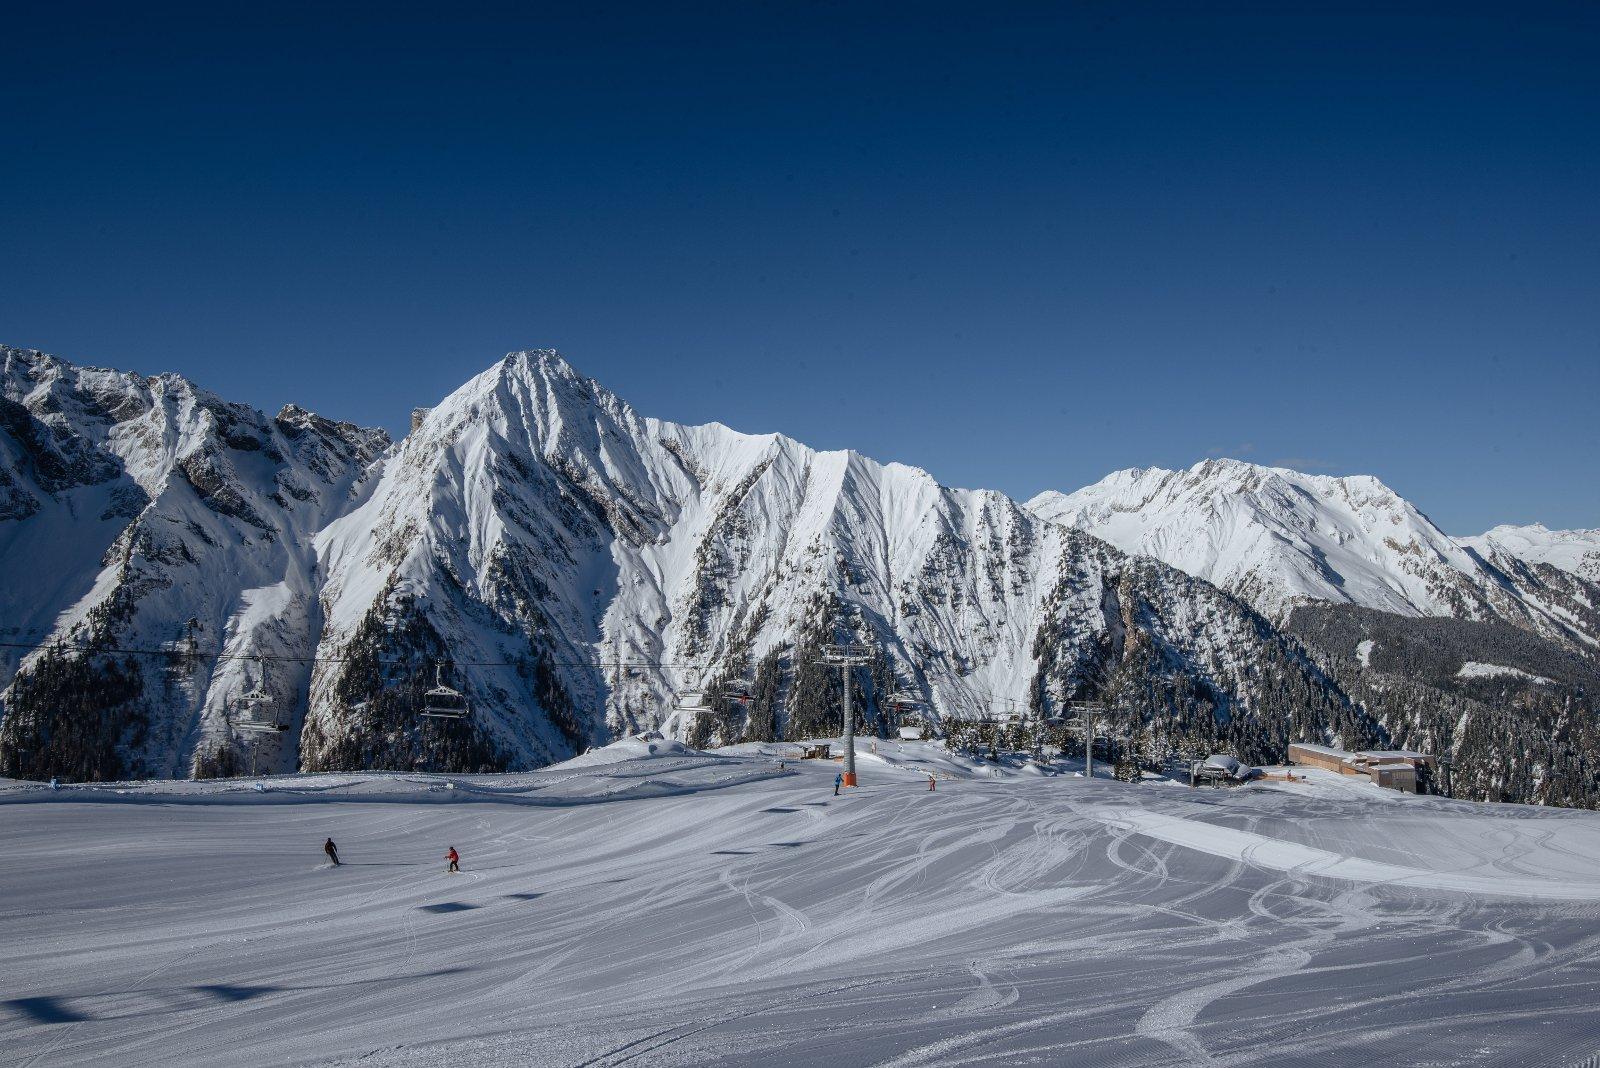 Sonne, Schnee, Skifahren! Raus aus den dicken Daunenjacken und rein ins Vergnügen: Im Zillertal sieht man schneeweissen Hängen, bestens präparierten Pisten und wärmenden Sonnenstrahlen entgegen. Die Ferienregion im Tirol lockt mit unzähligen Sonnenterassen, einzigartigem Panorama und kulinarischen Köstlichkeiten. Für pures Skivergnügen sorgen 530 Pistenkilomete